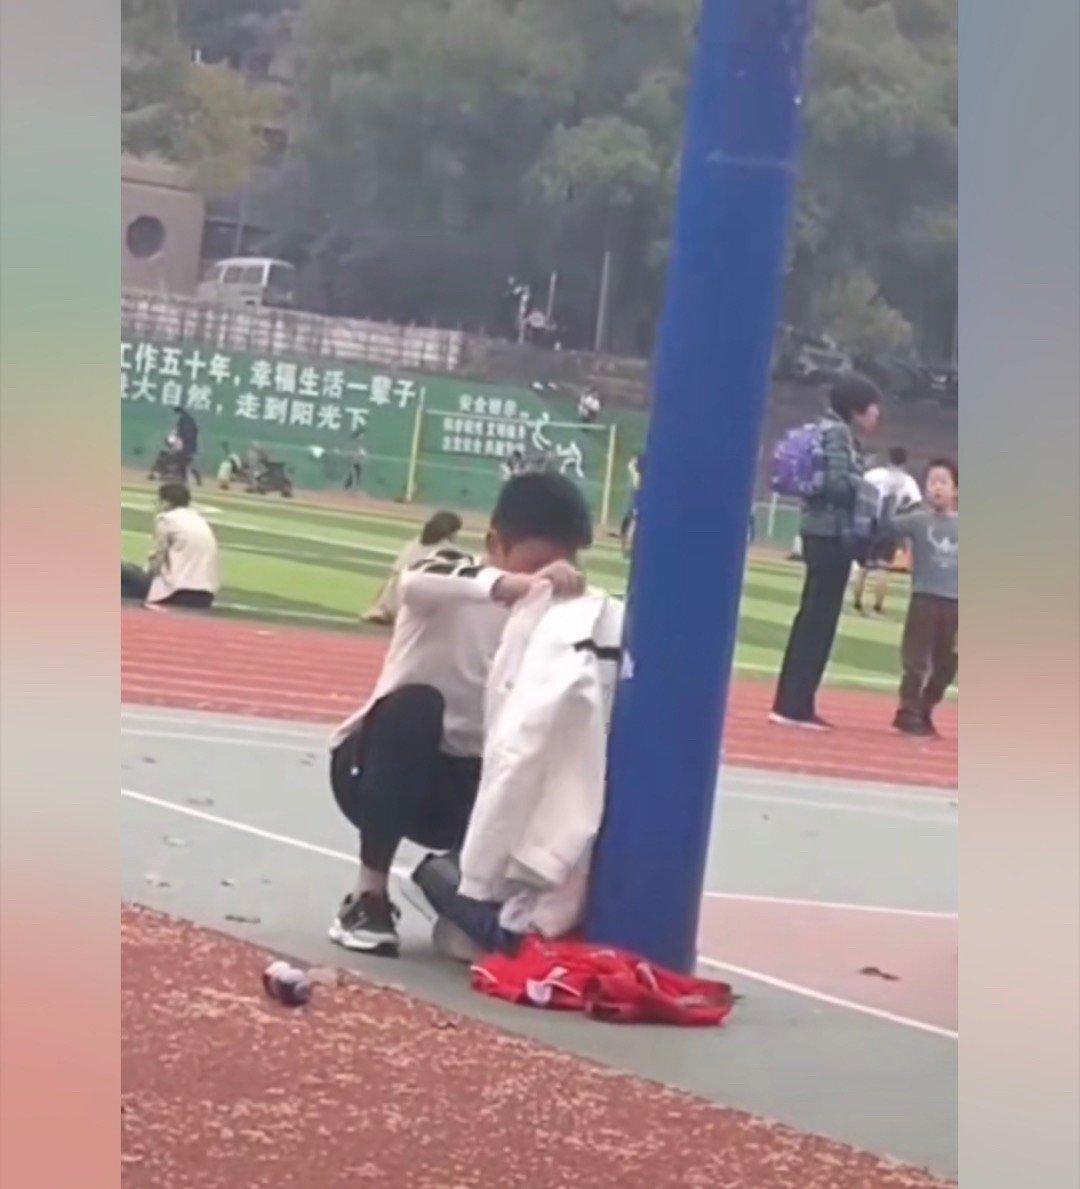 小妹妹在看哥哥打篮球,哥哥怕妹妹着凉,把自己的外套给她披上